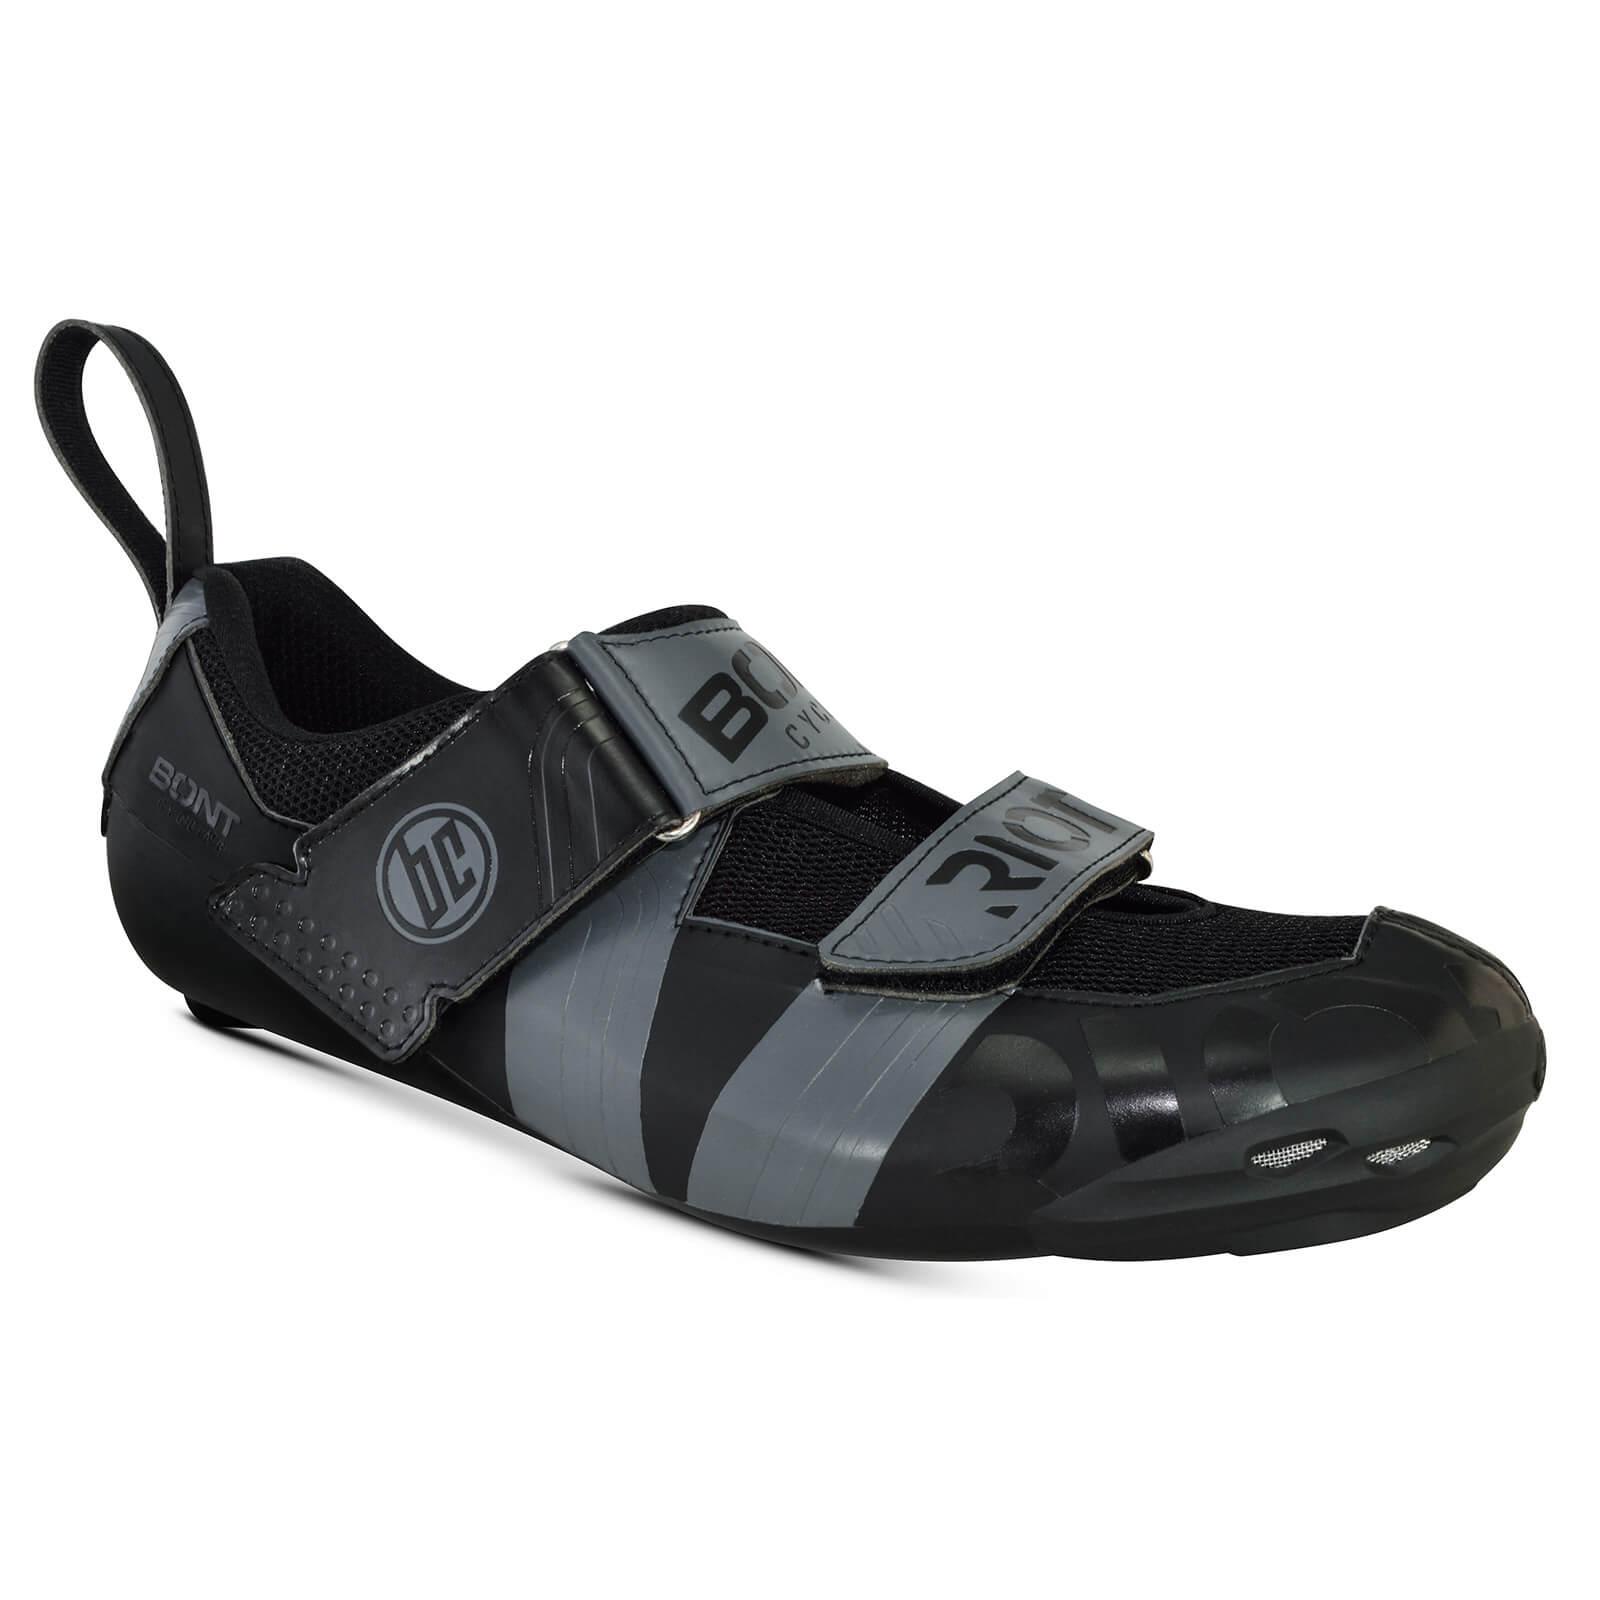 Bont Riot TR+ Road Shoes - EU 43 - Black/Grey